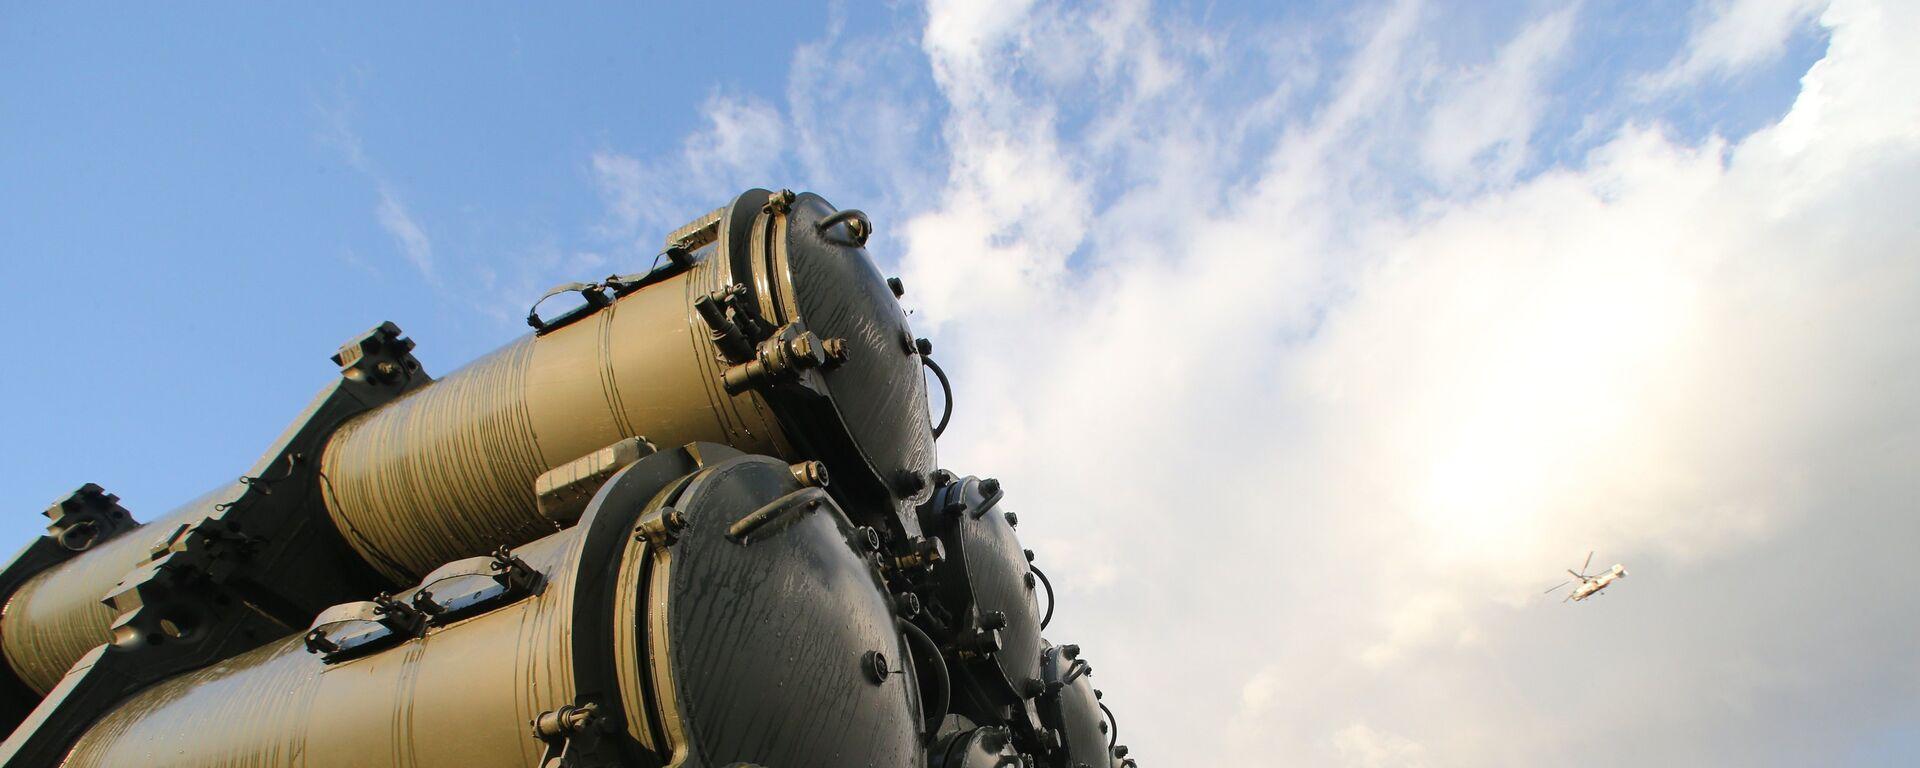 Пуск противокорабельной ракеты БРК Бал, архивное фото - Sputnik Таджикистан, 1920, 30.04.2019